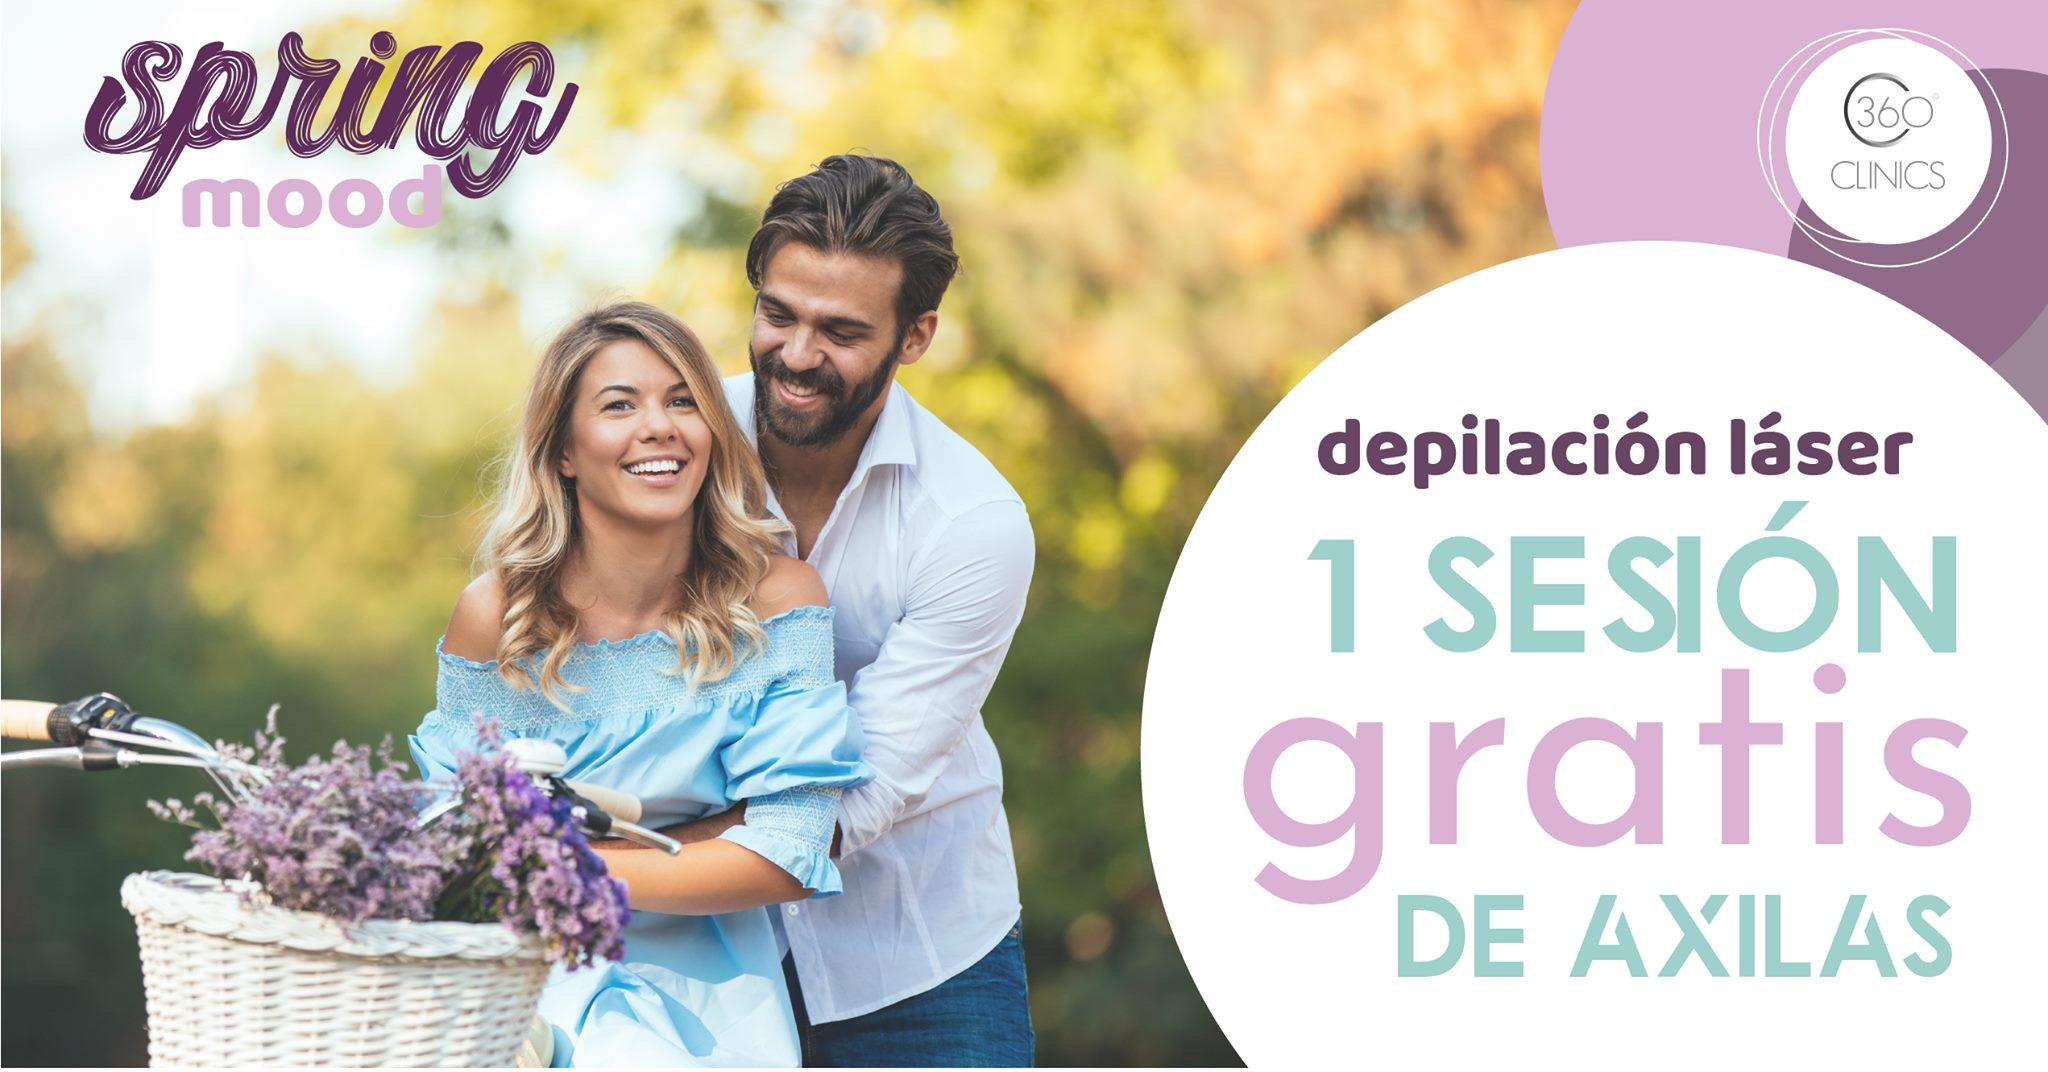 Ofertas 360 Clinics, Centro Comercial la Verónica